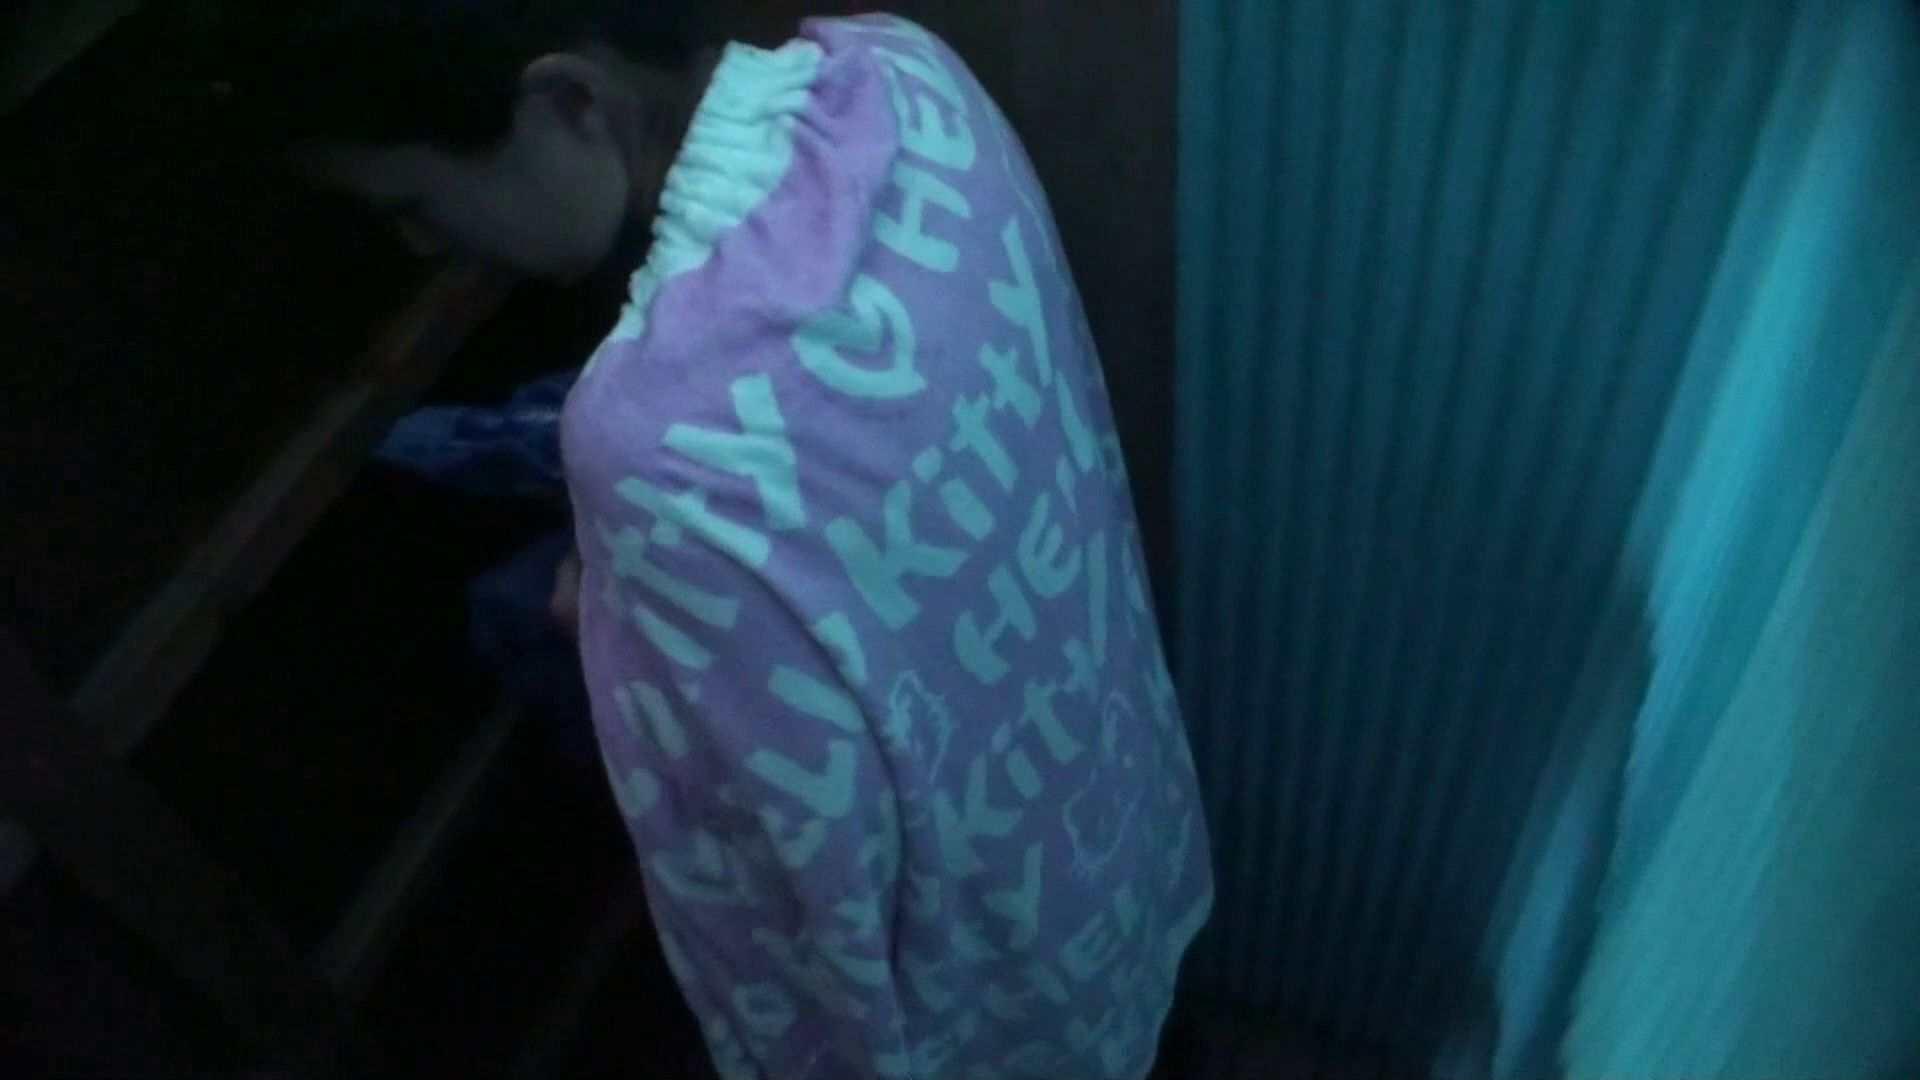 シャワールームは超!!危険な香りVol.26 大学生風美形ギャル 暗さが残念! 脱衣所の着替え 女性器鑑賞 95画像 3